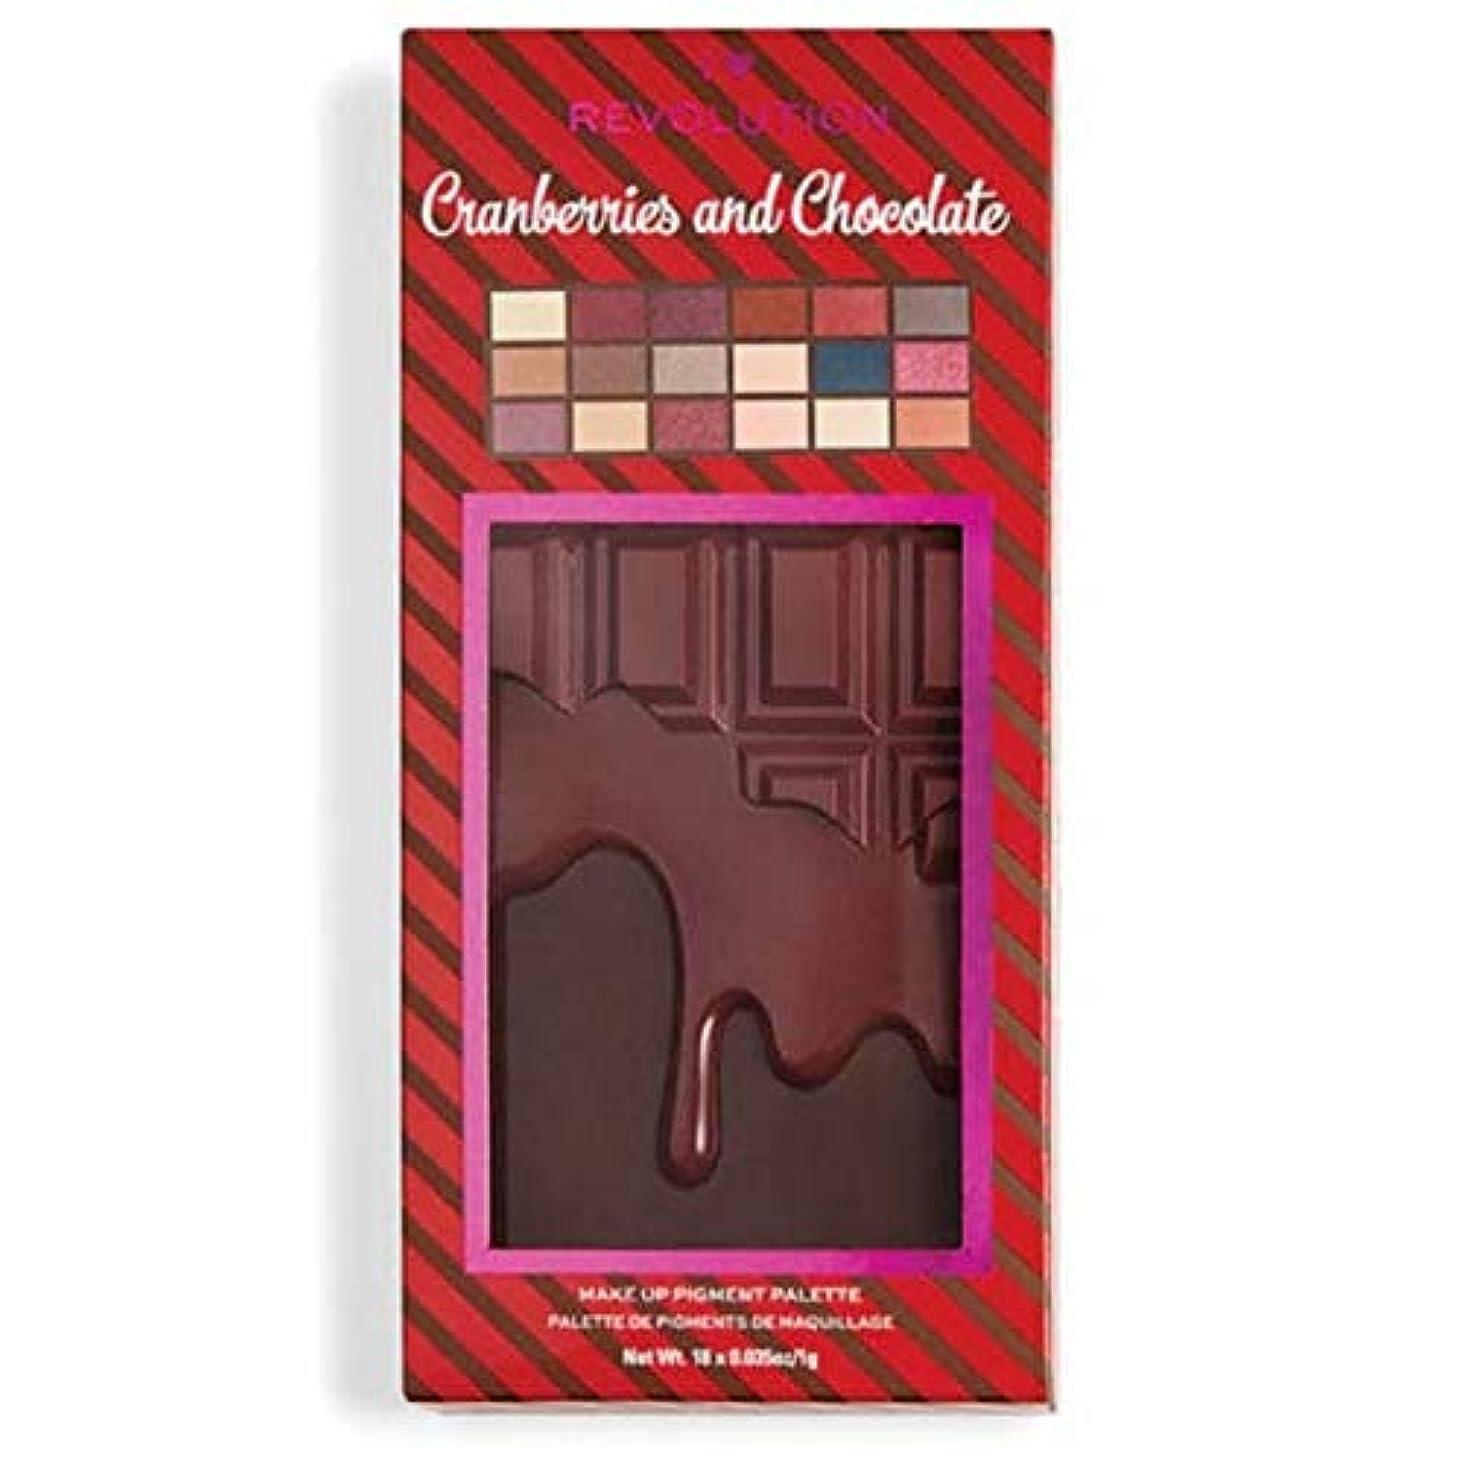 癌意識擁する[I Heart Revolution ] 私の心の革命クランベリー&チョコレートパレット - I Heart Revolution Cranberries & Chocolate Palette [並行輸入品]